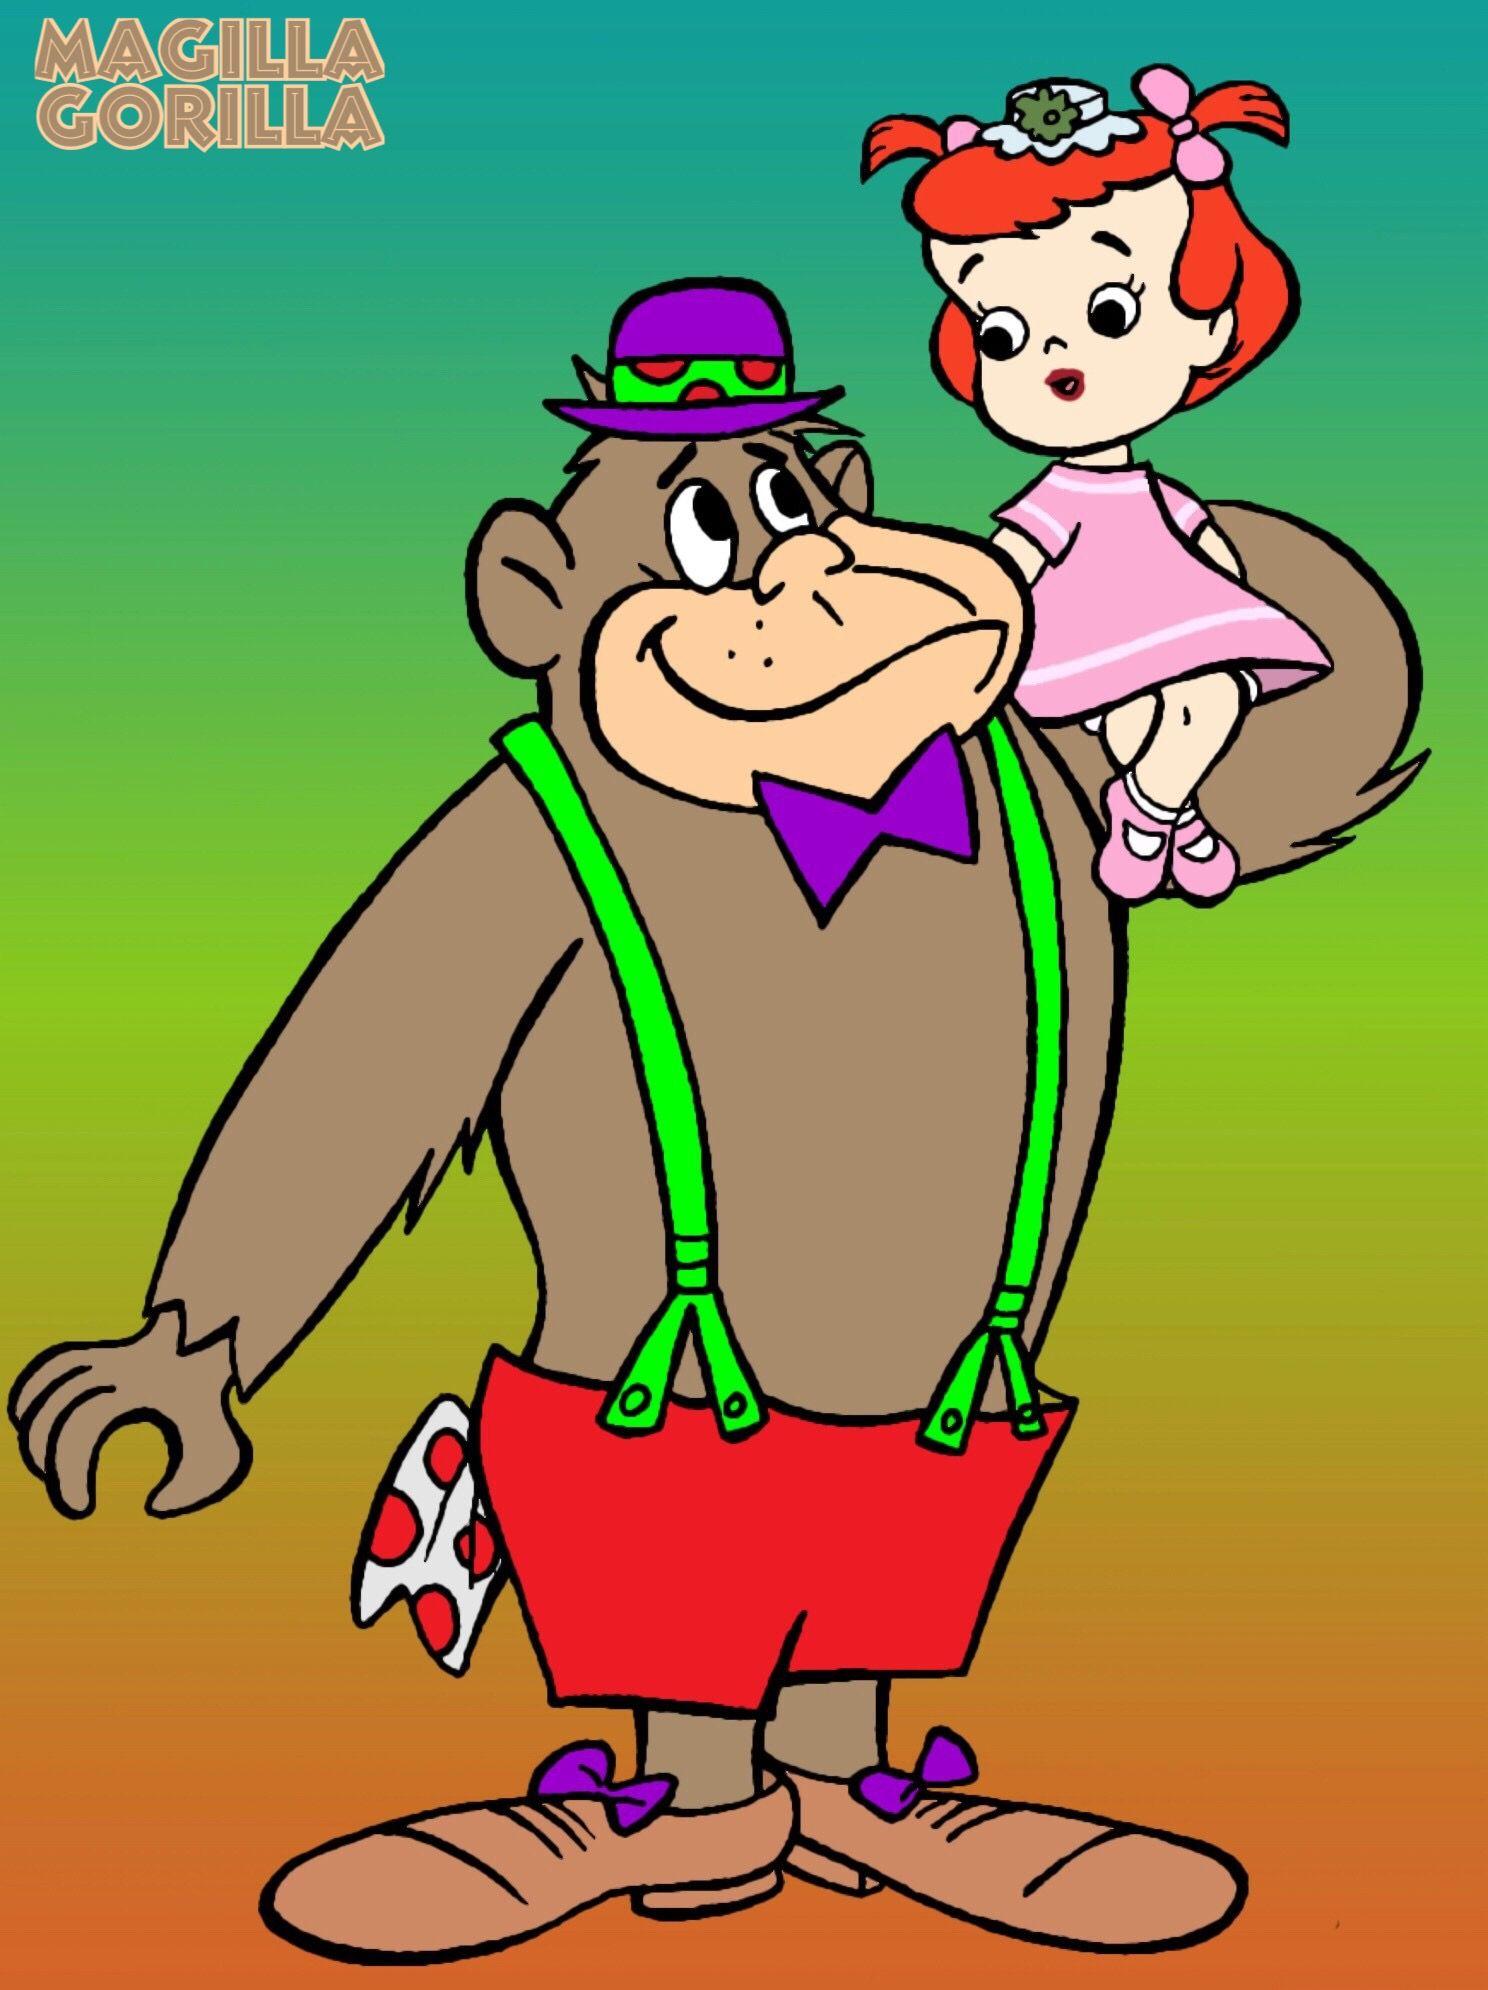 hannabarbera magillagorilla Cartoon art styles